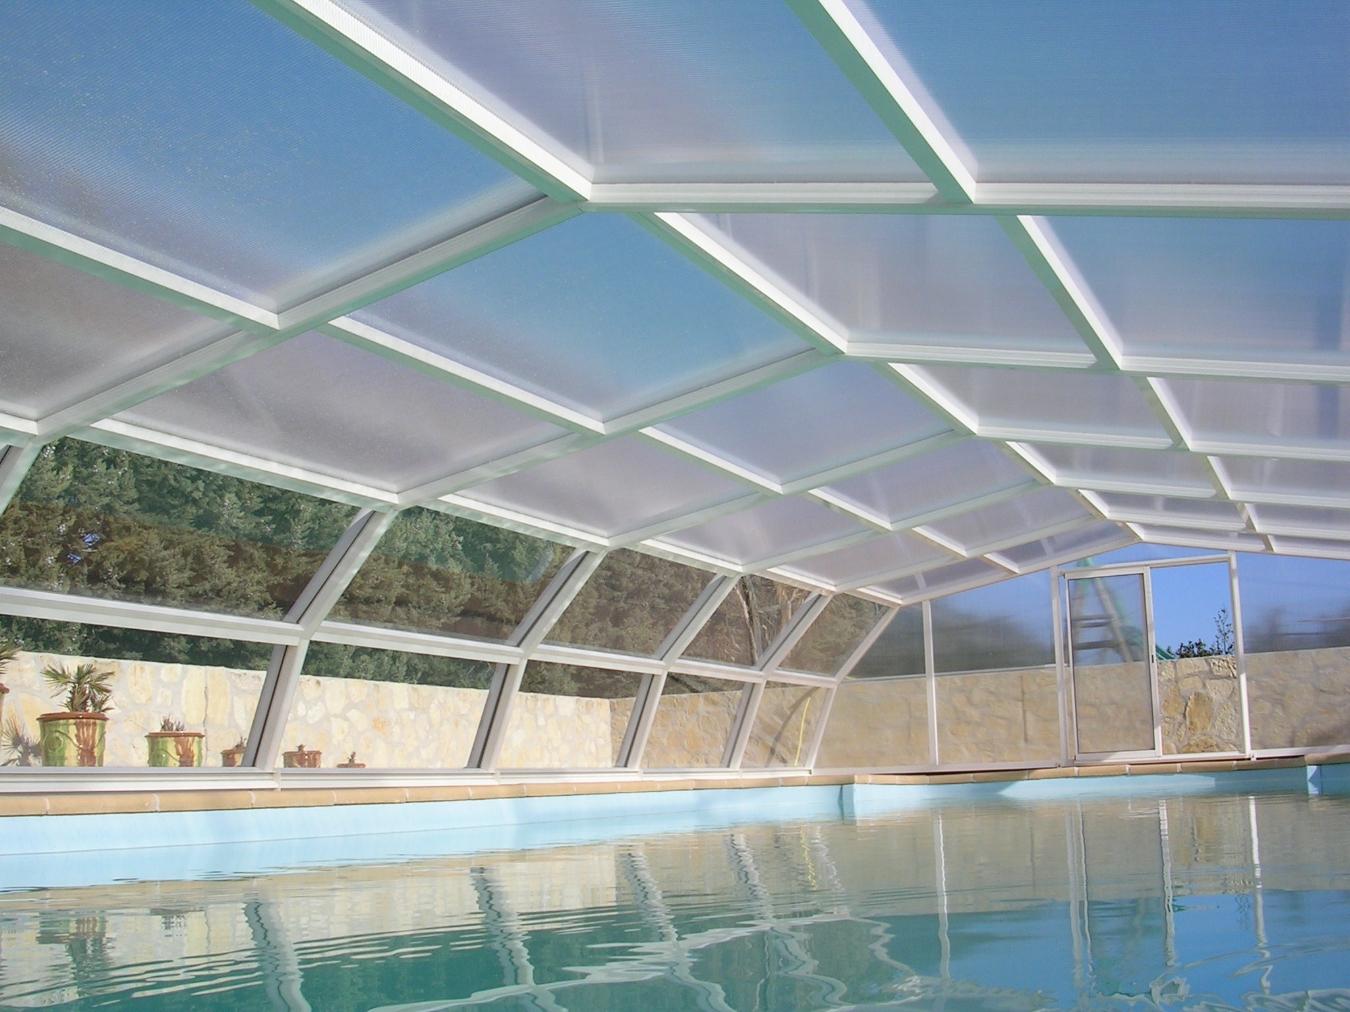 Abri piscine m dium colibri et cara bes for Autobronzant et piscine